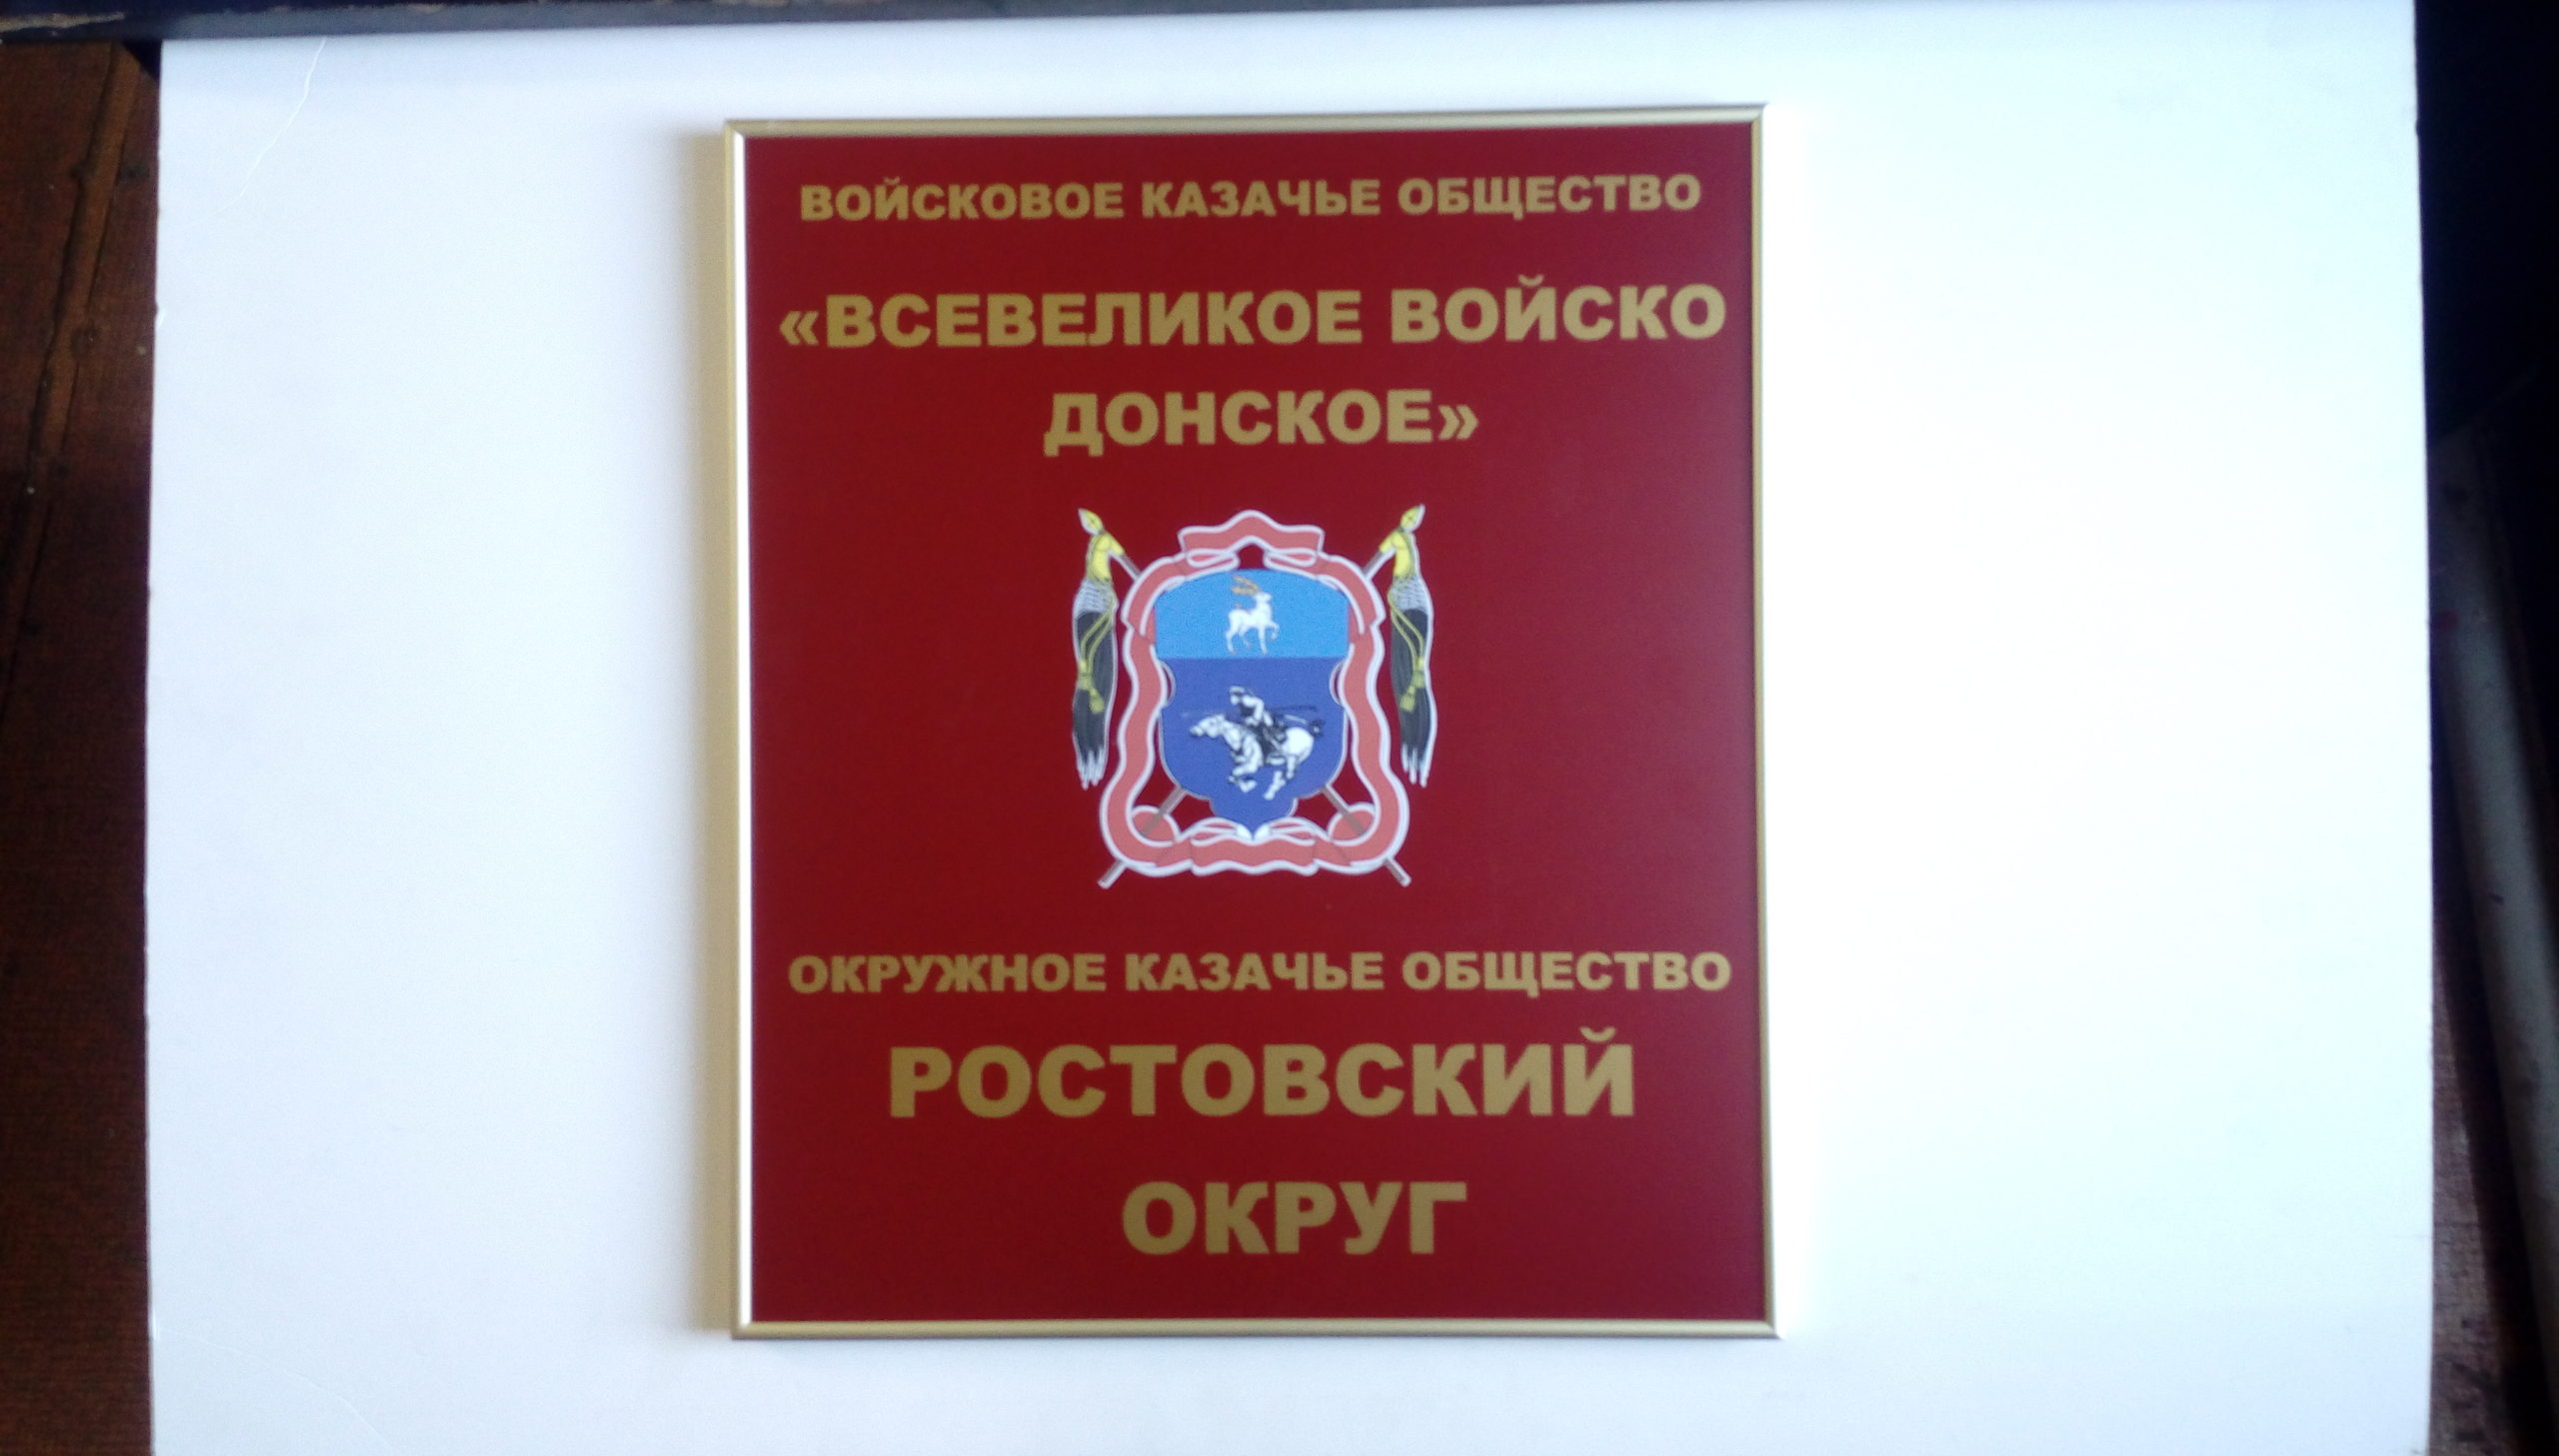 Табличка в алюминиевой рамке